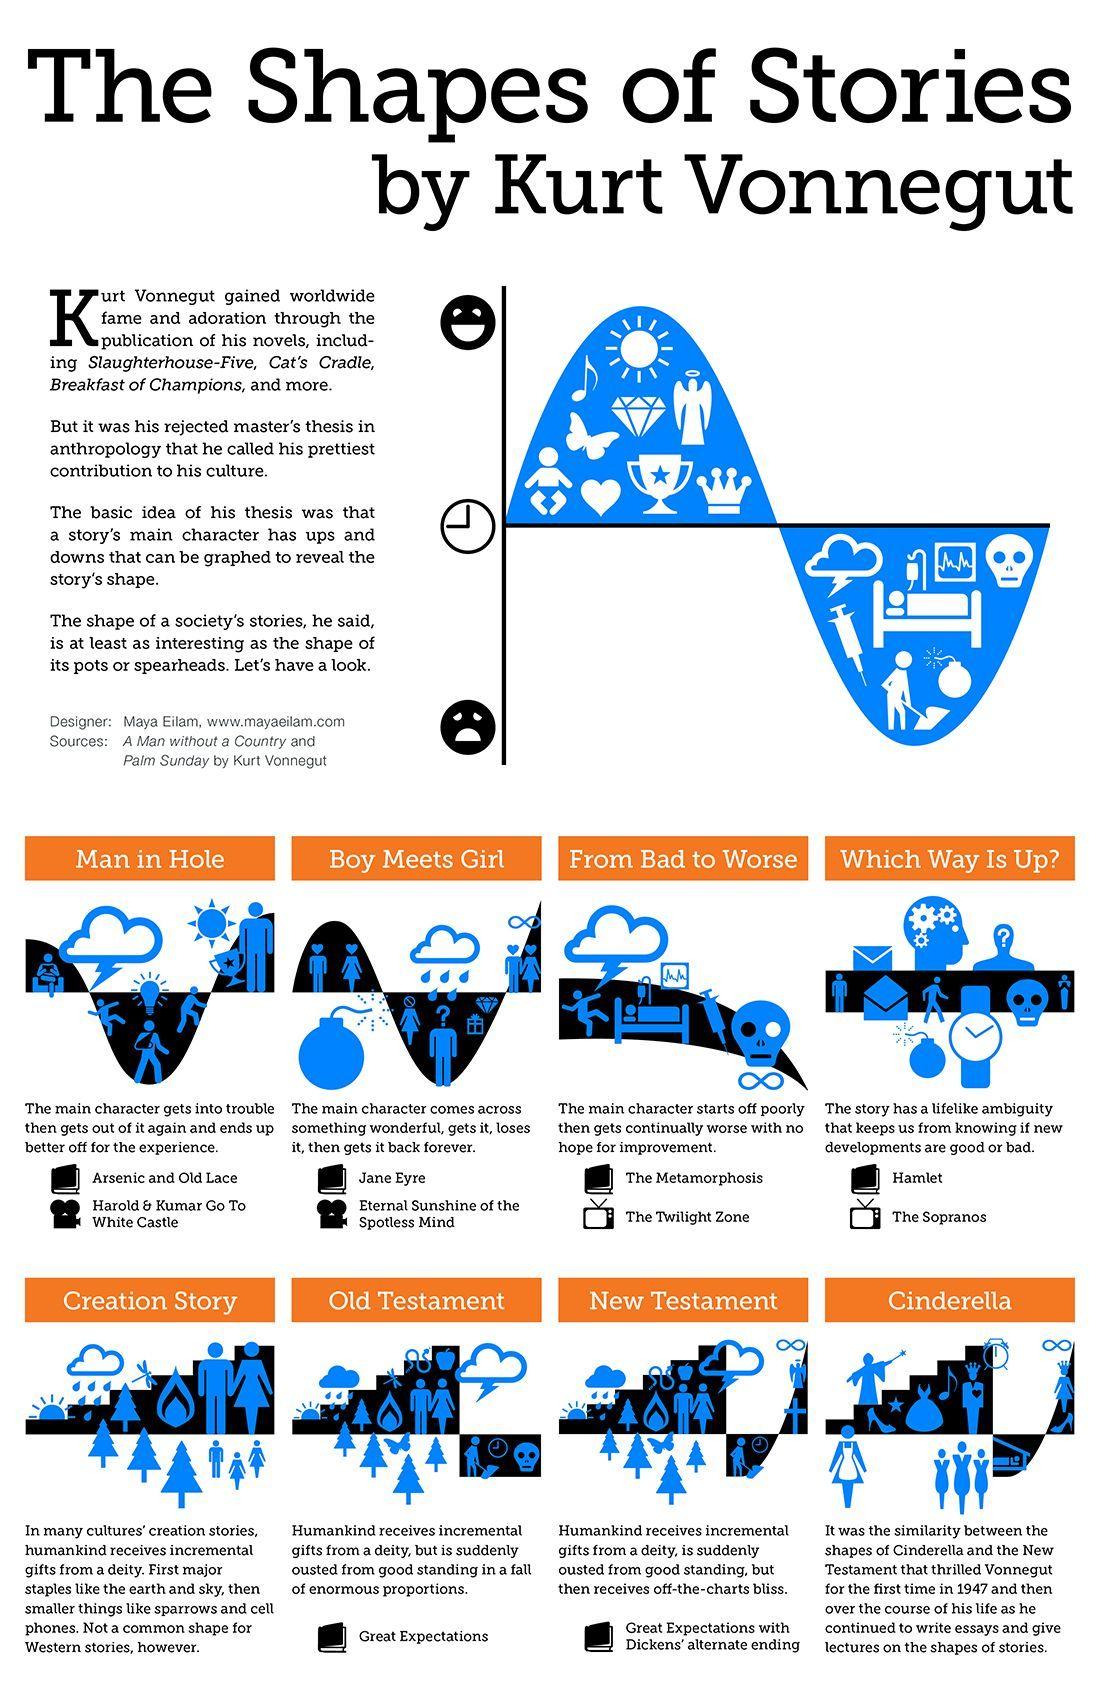 La forma de las historias por Kurt Vonnegut